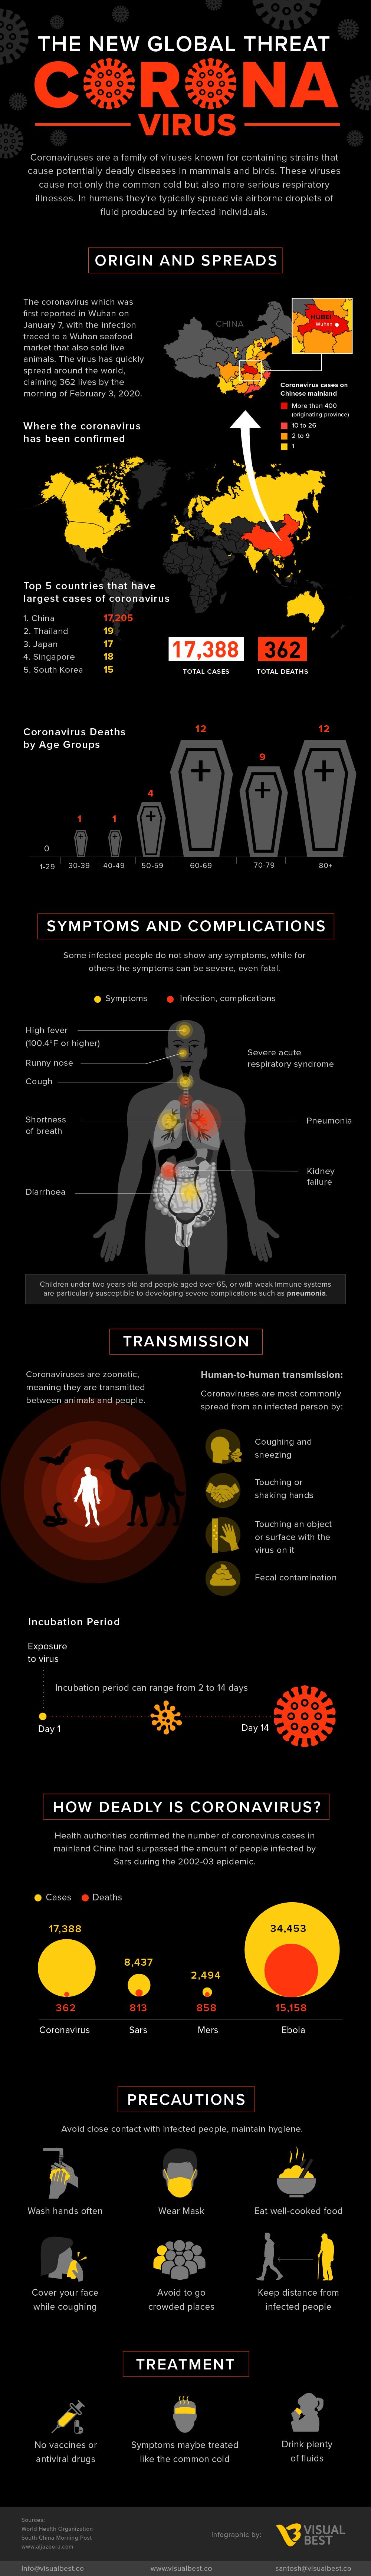 Coronavirus the New Global Threat #infographic